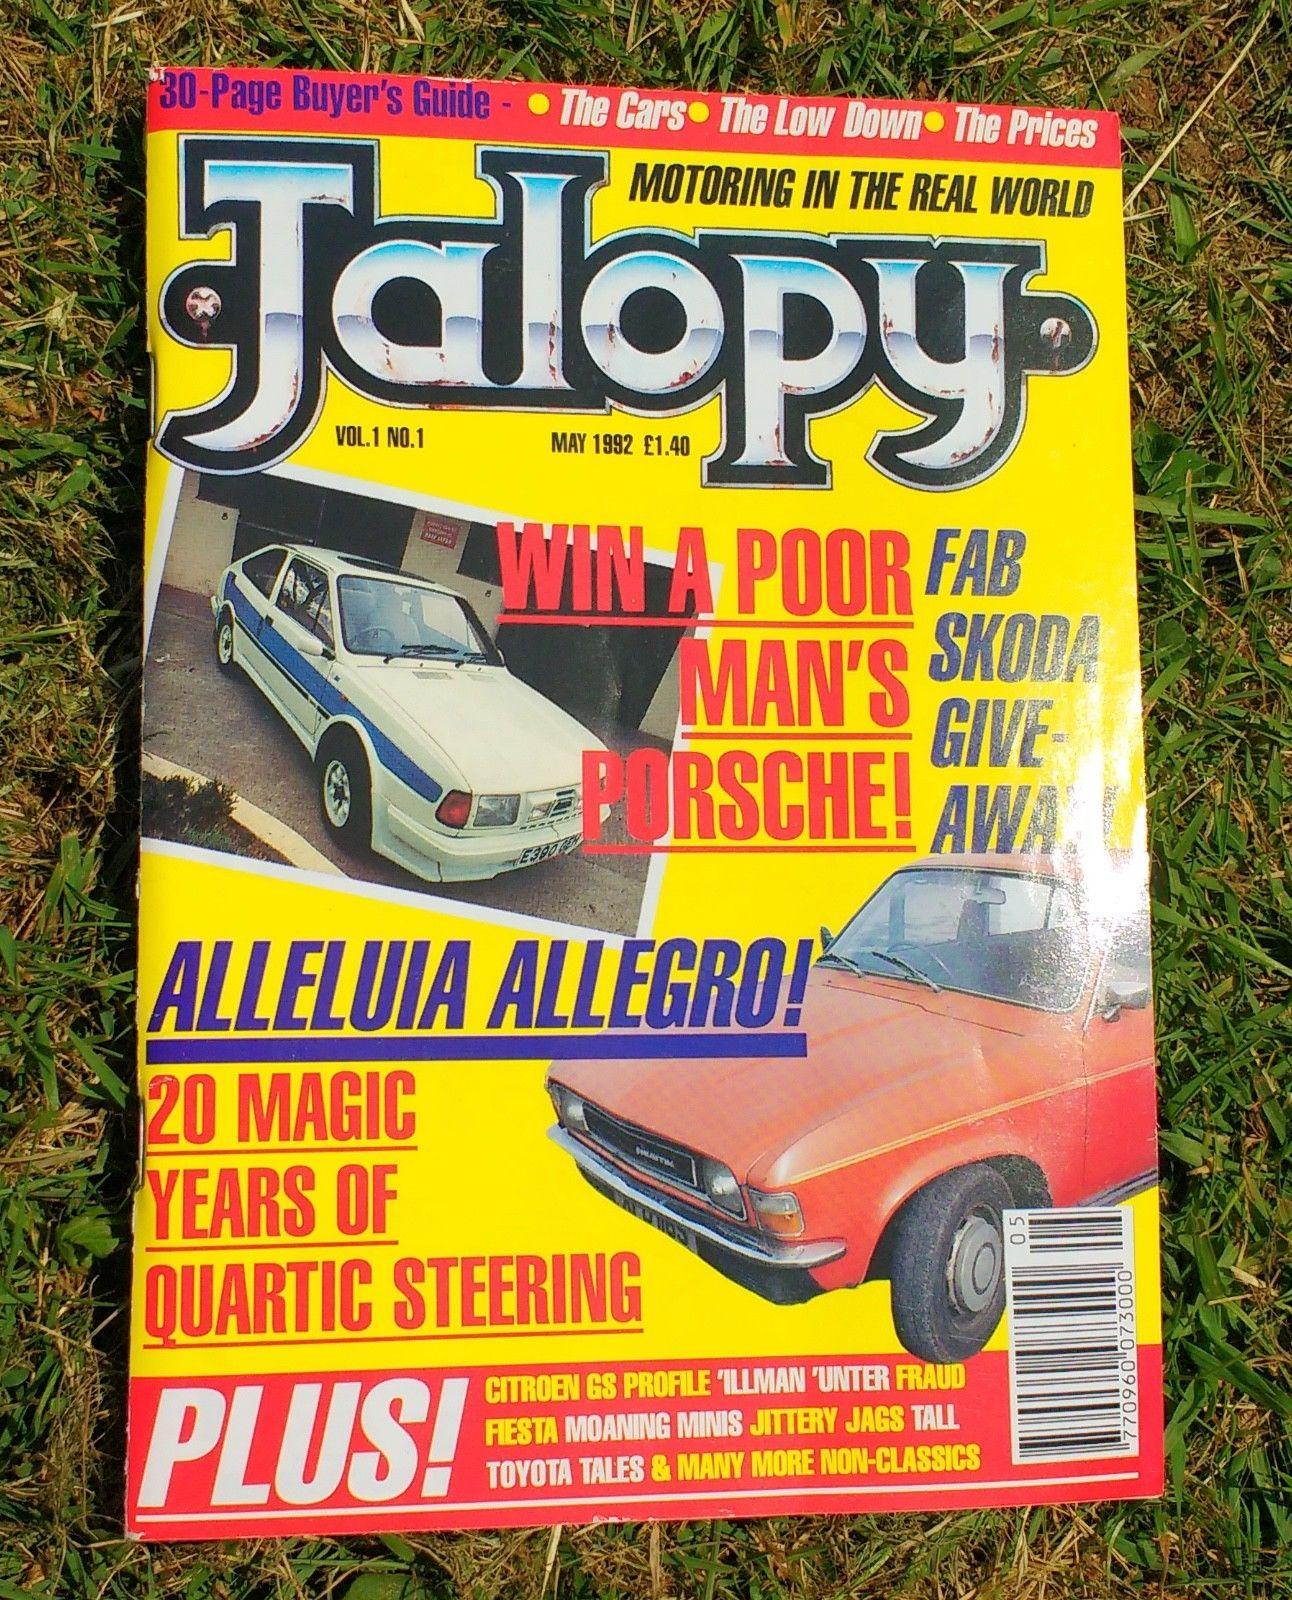 Jalopy 1 ebay july 2018.jpg